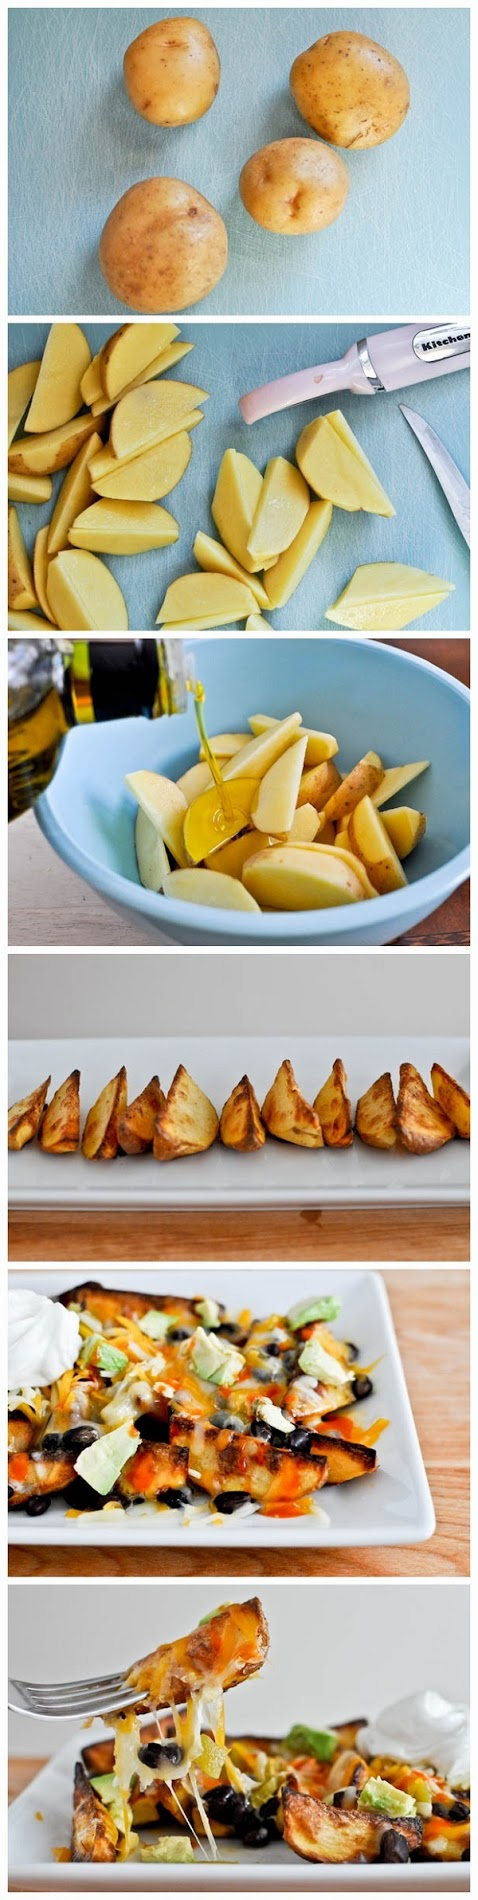 Baked-Potato-Nachos-Recipe